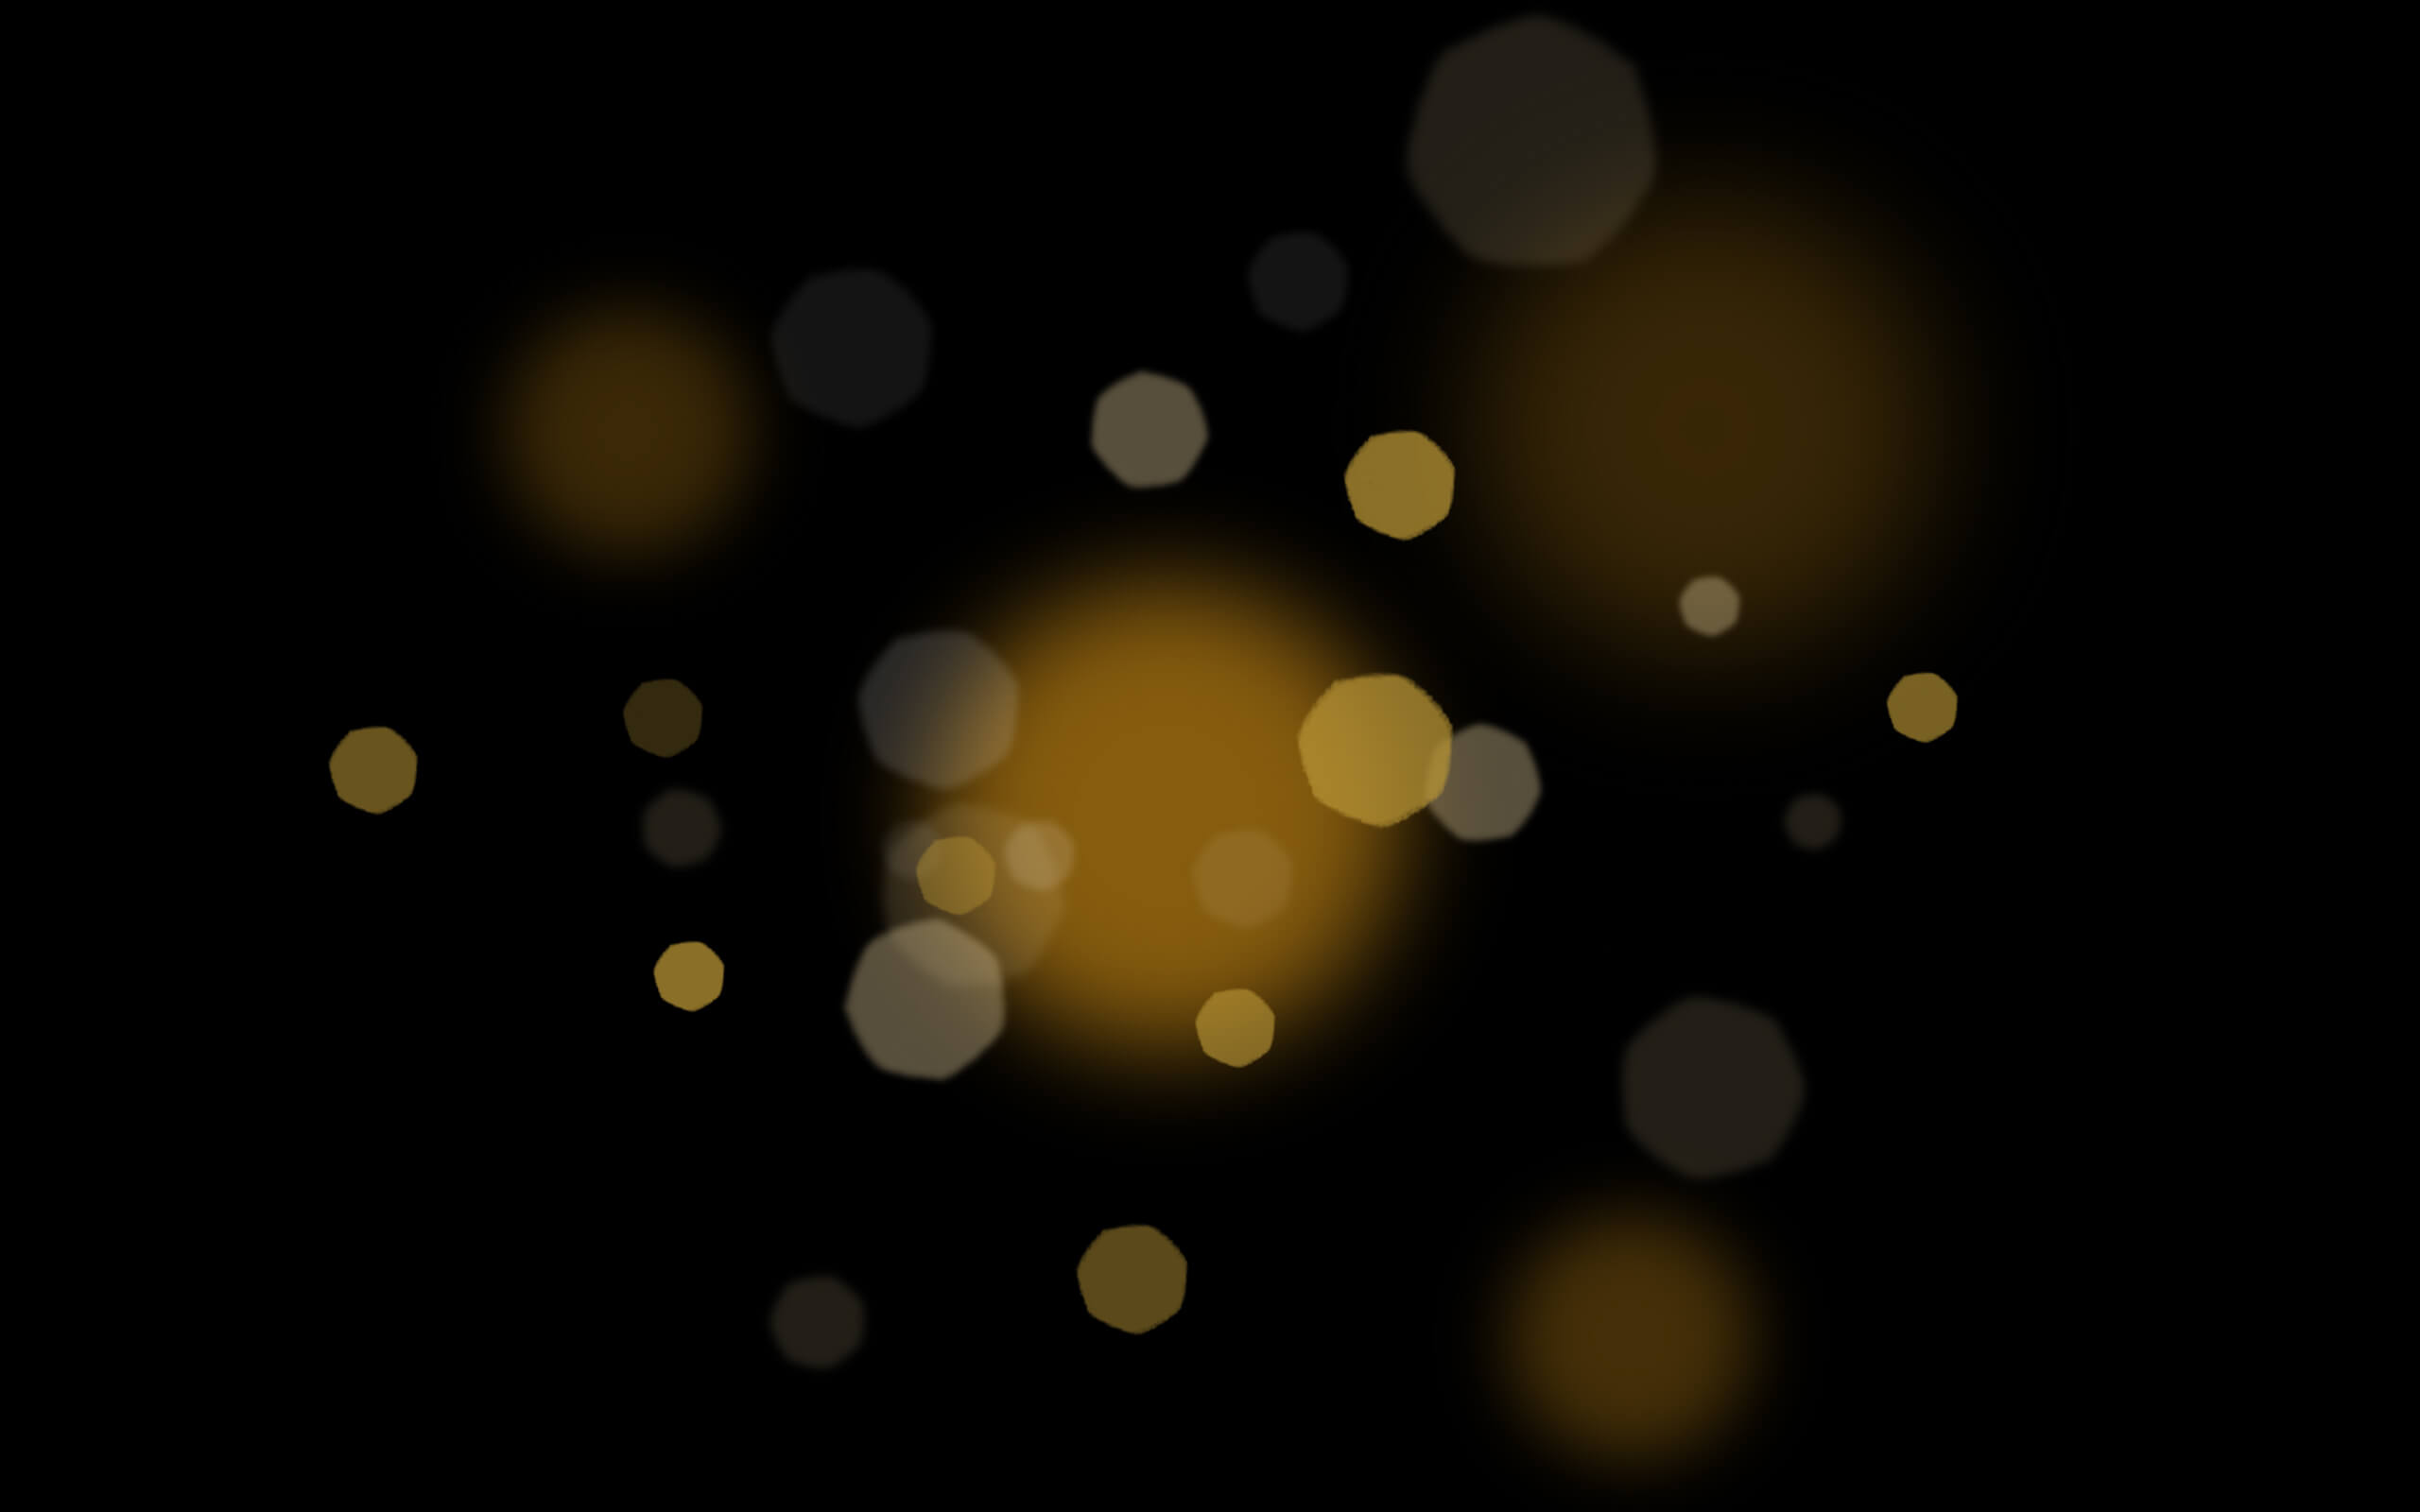 Gold bokeh effect